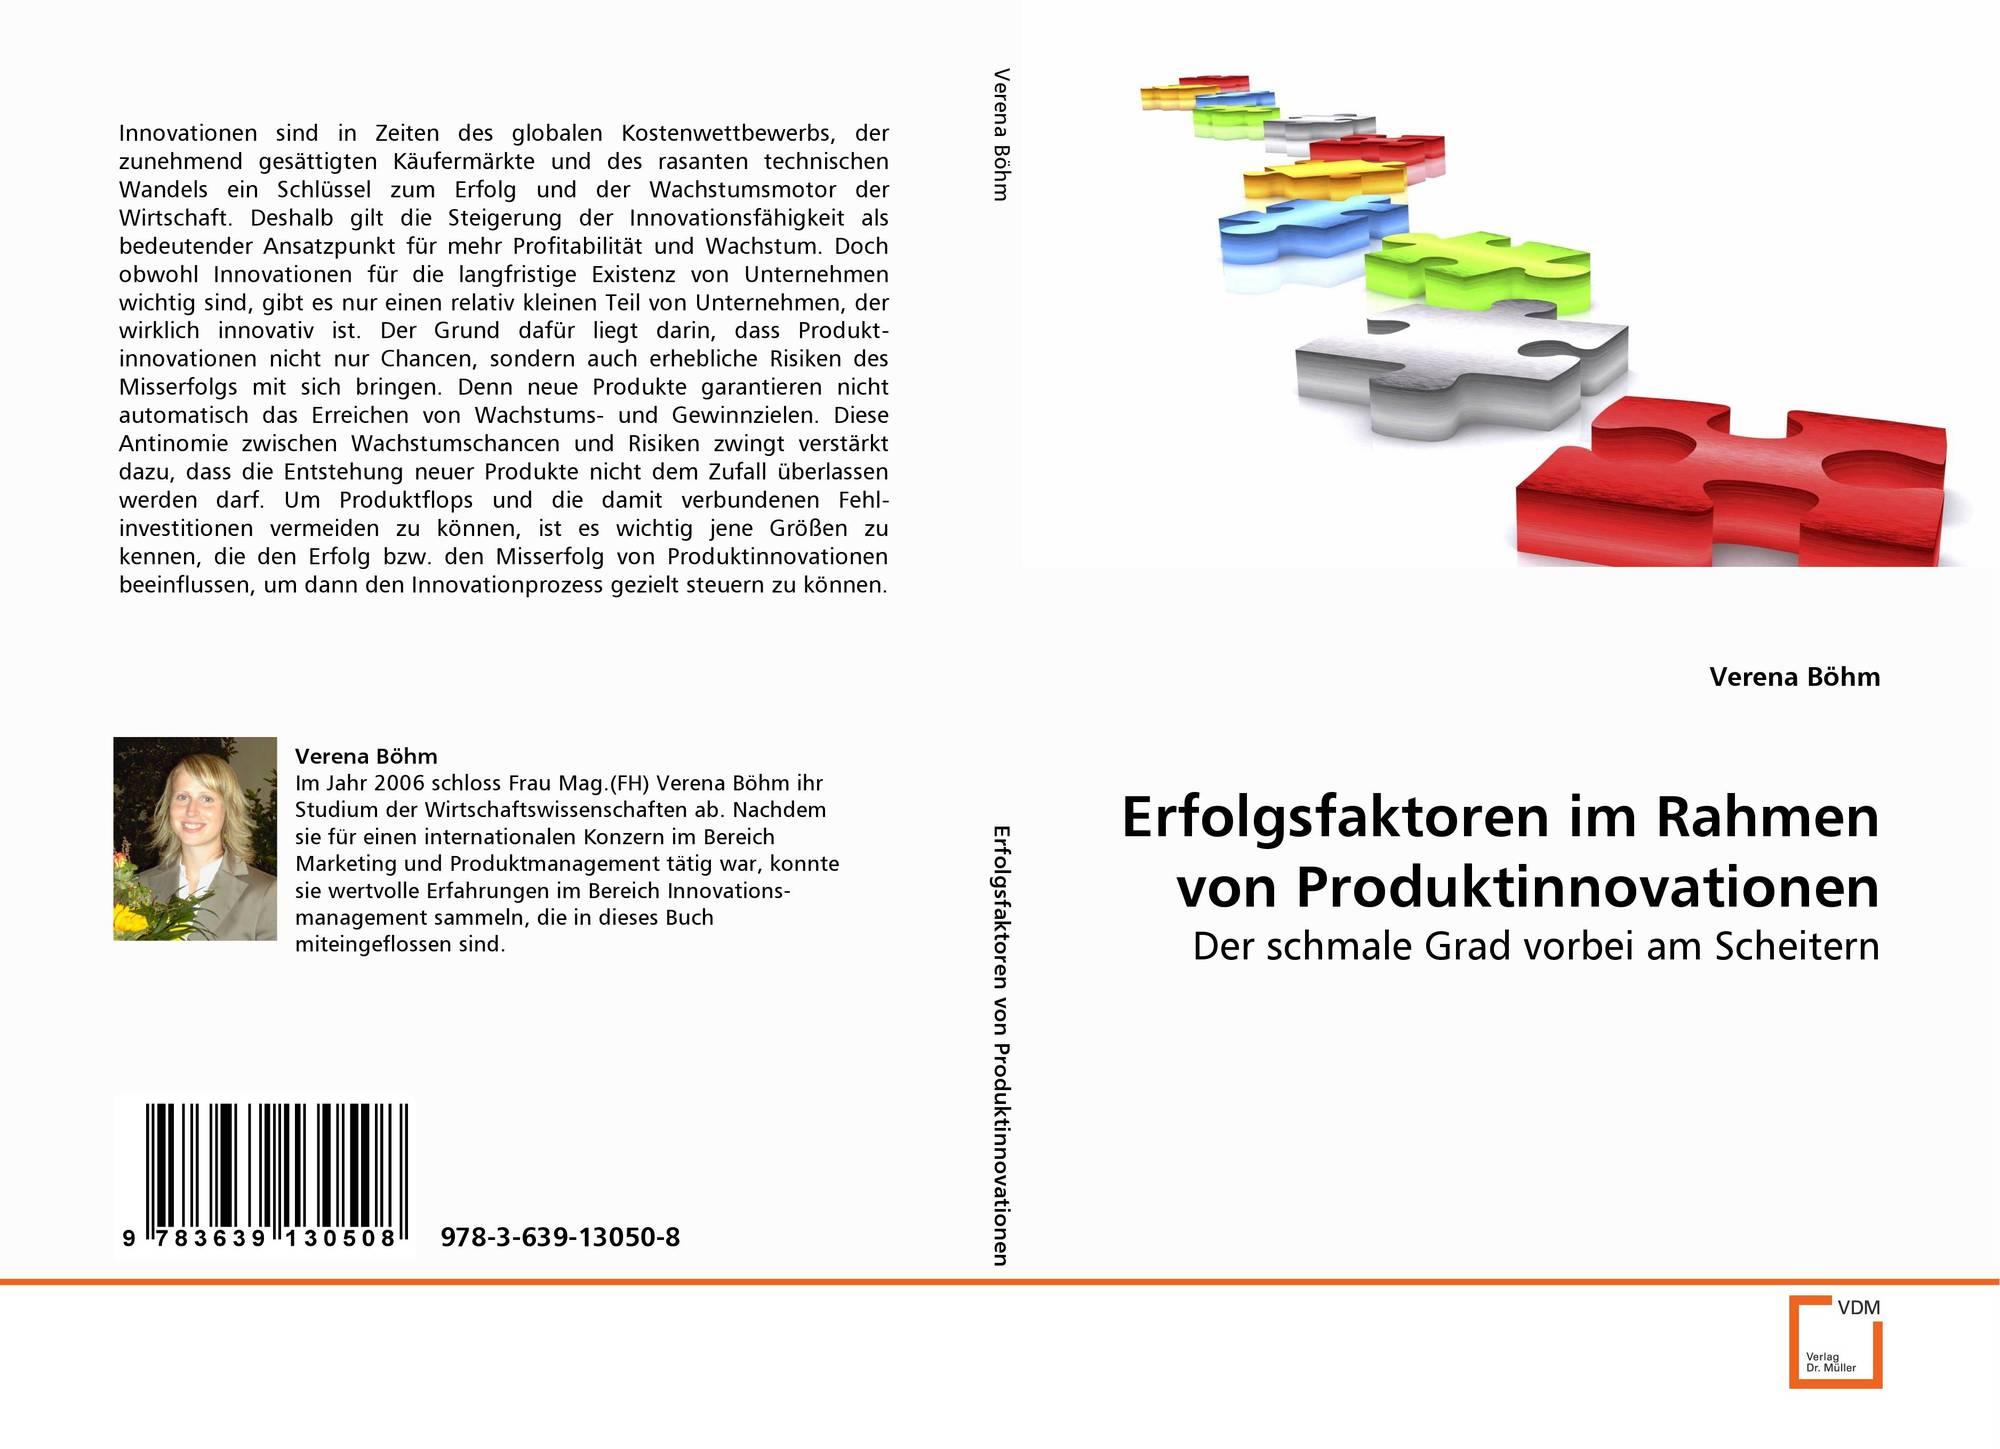 Erfolgsfaktoren im Rahmen von Produktinnovationen, 978-3-639-13050-8 ...